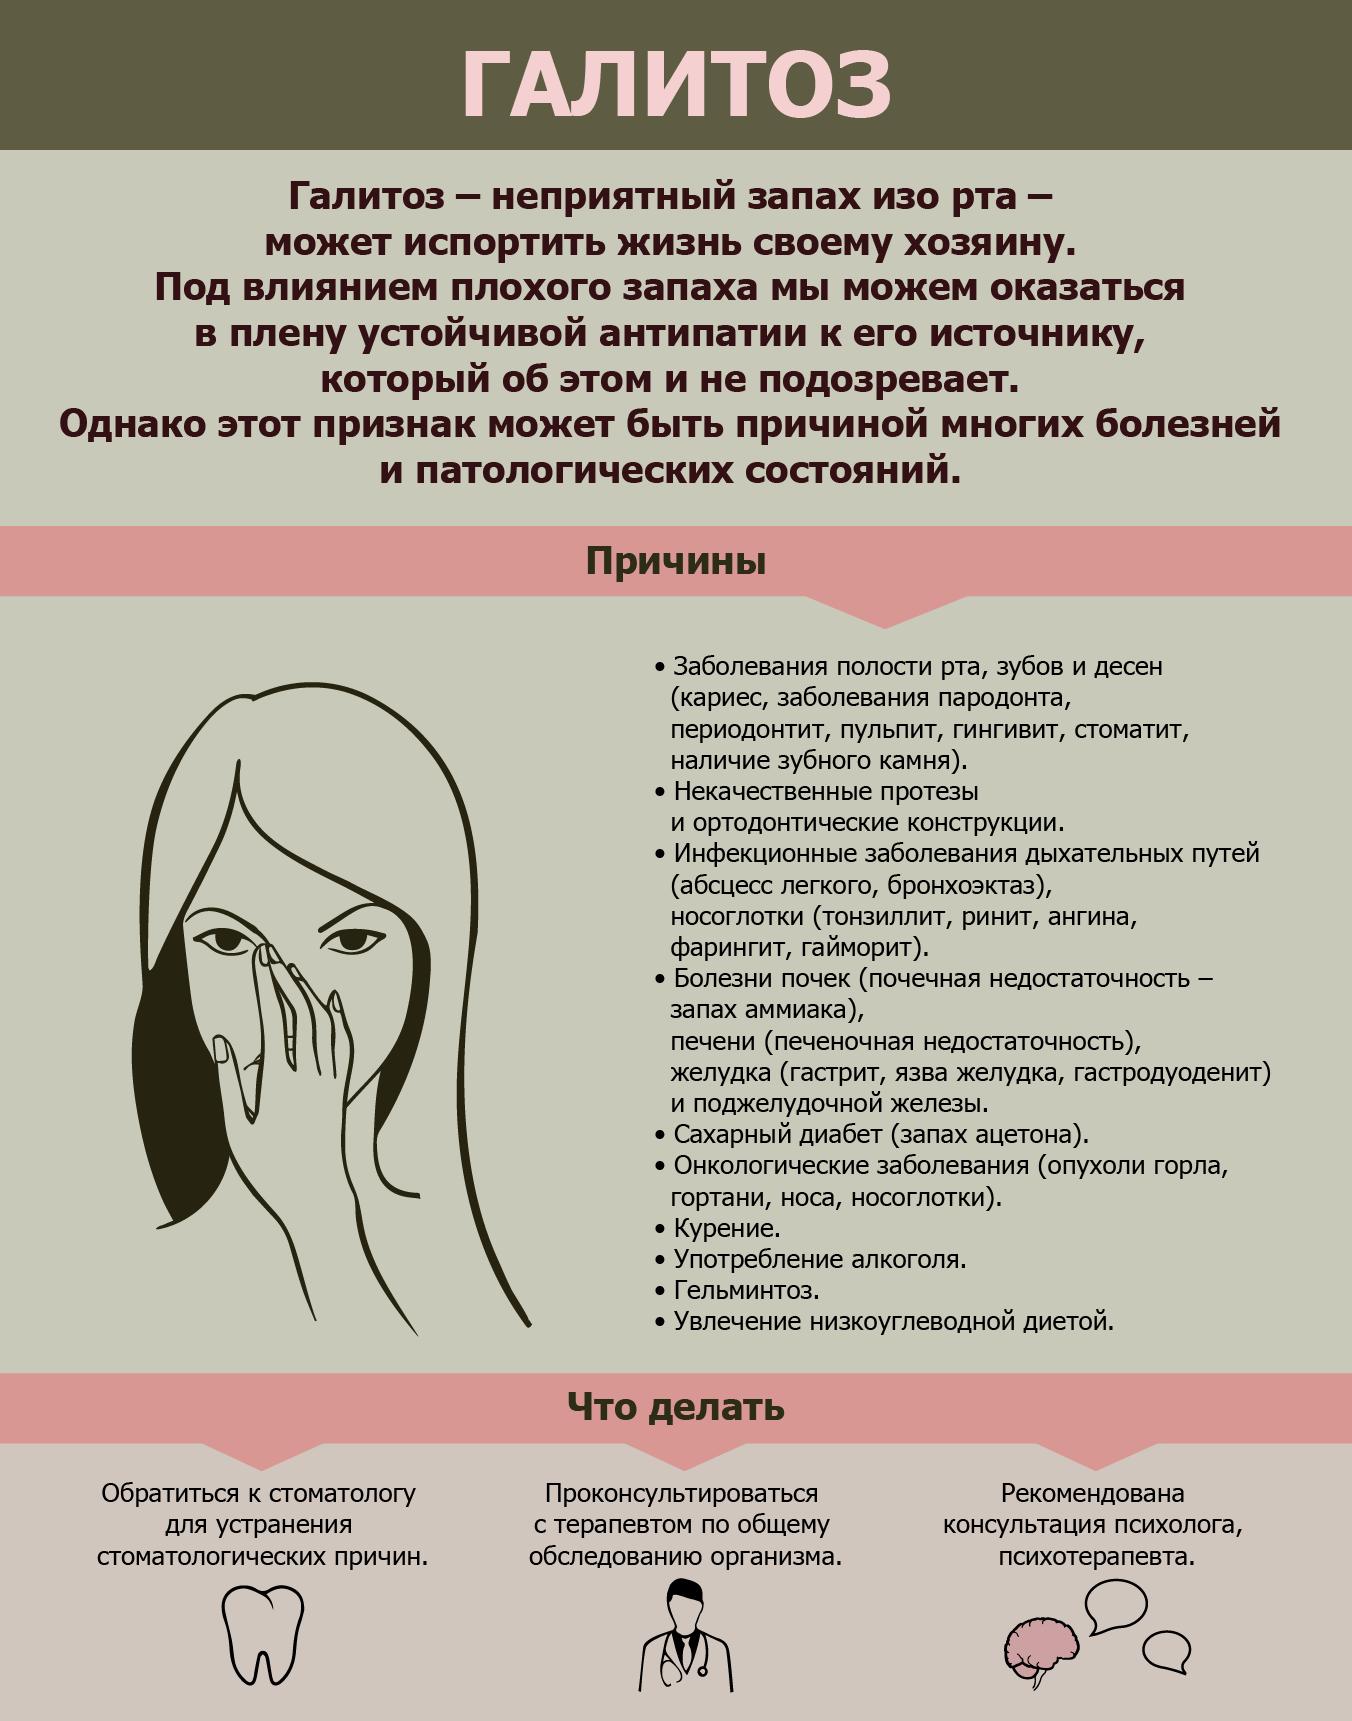 Что вызывает халитоз (галитоз): средства, лекарства, лечение в домашних условиях | spacream.ru